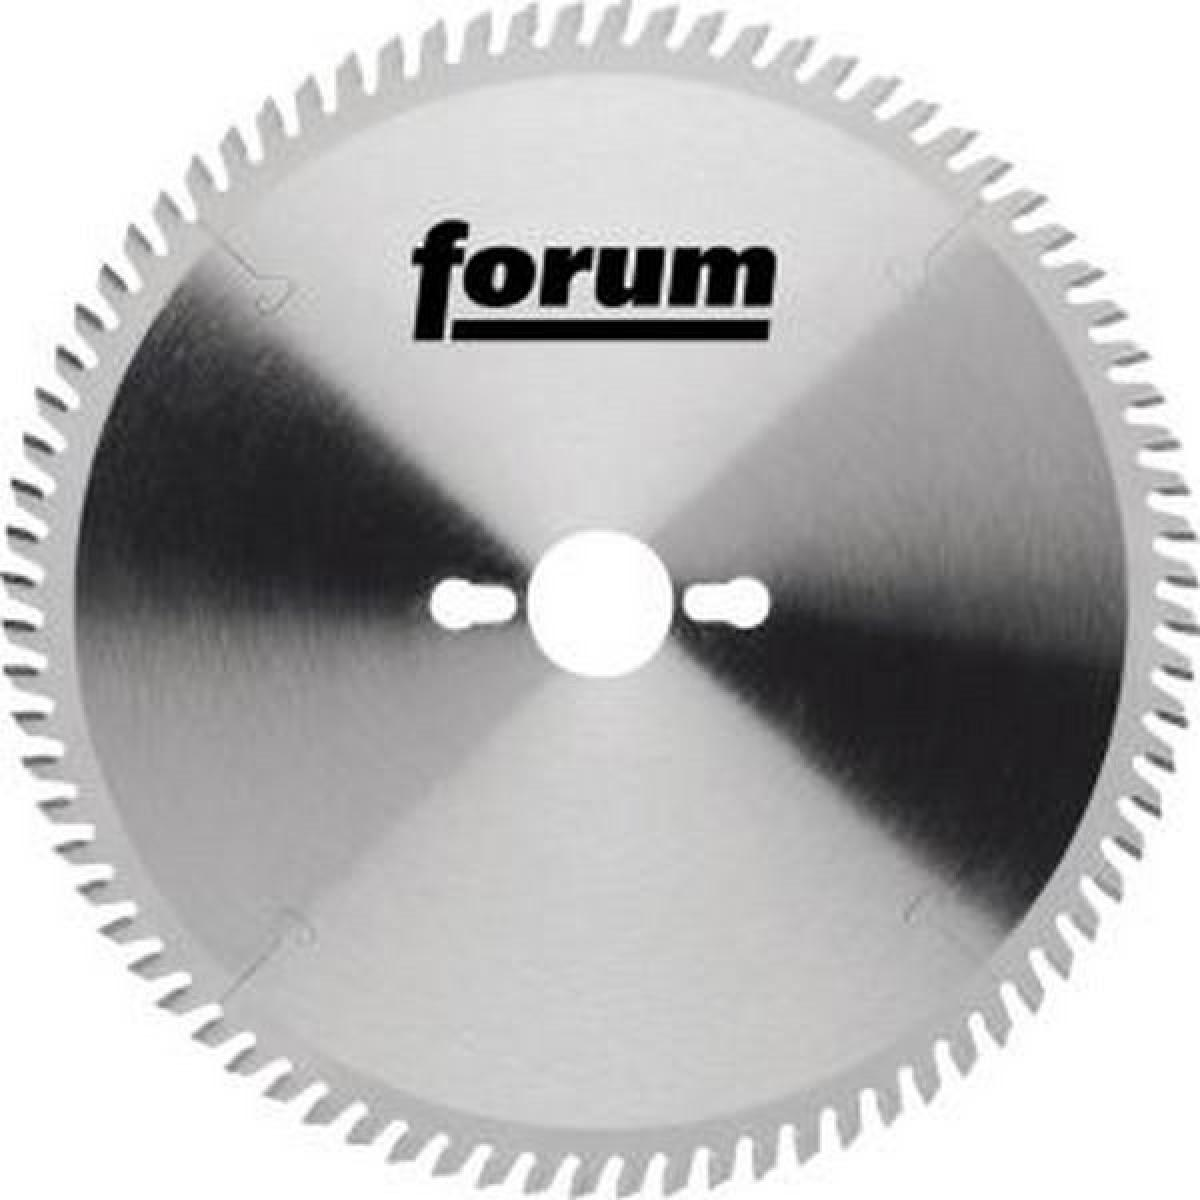 Forum Lame de scie circulaire, Ø : 216 mm, Larg. : 3,2 mm, Alésage 30 mm, Perçages secondaires : -, Dents : 64